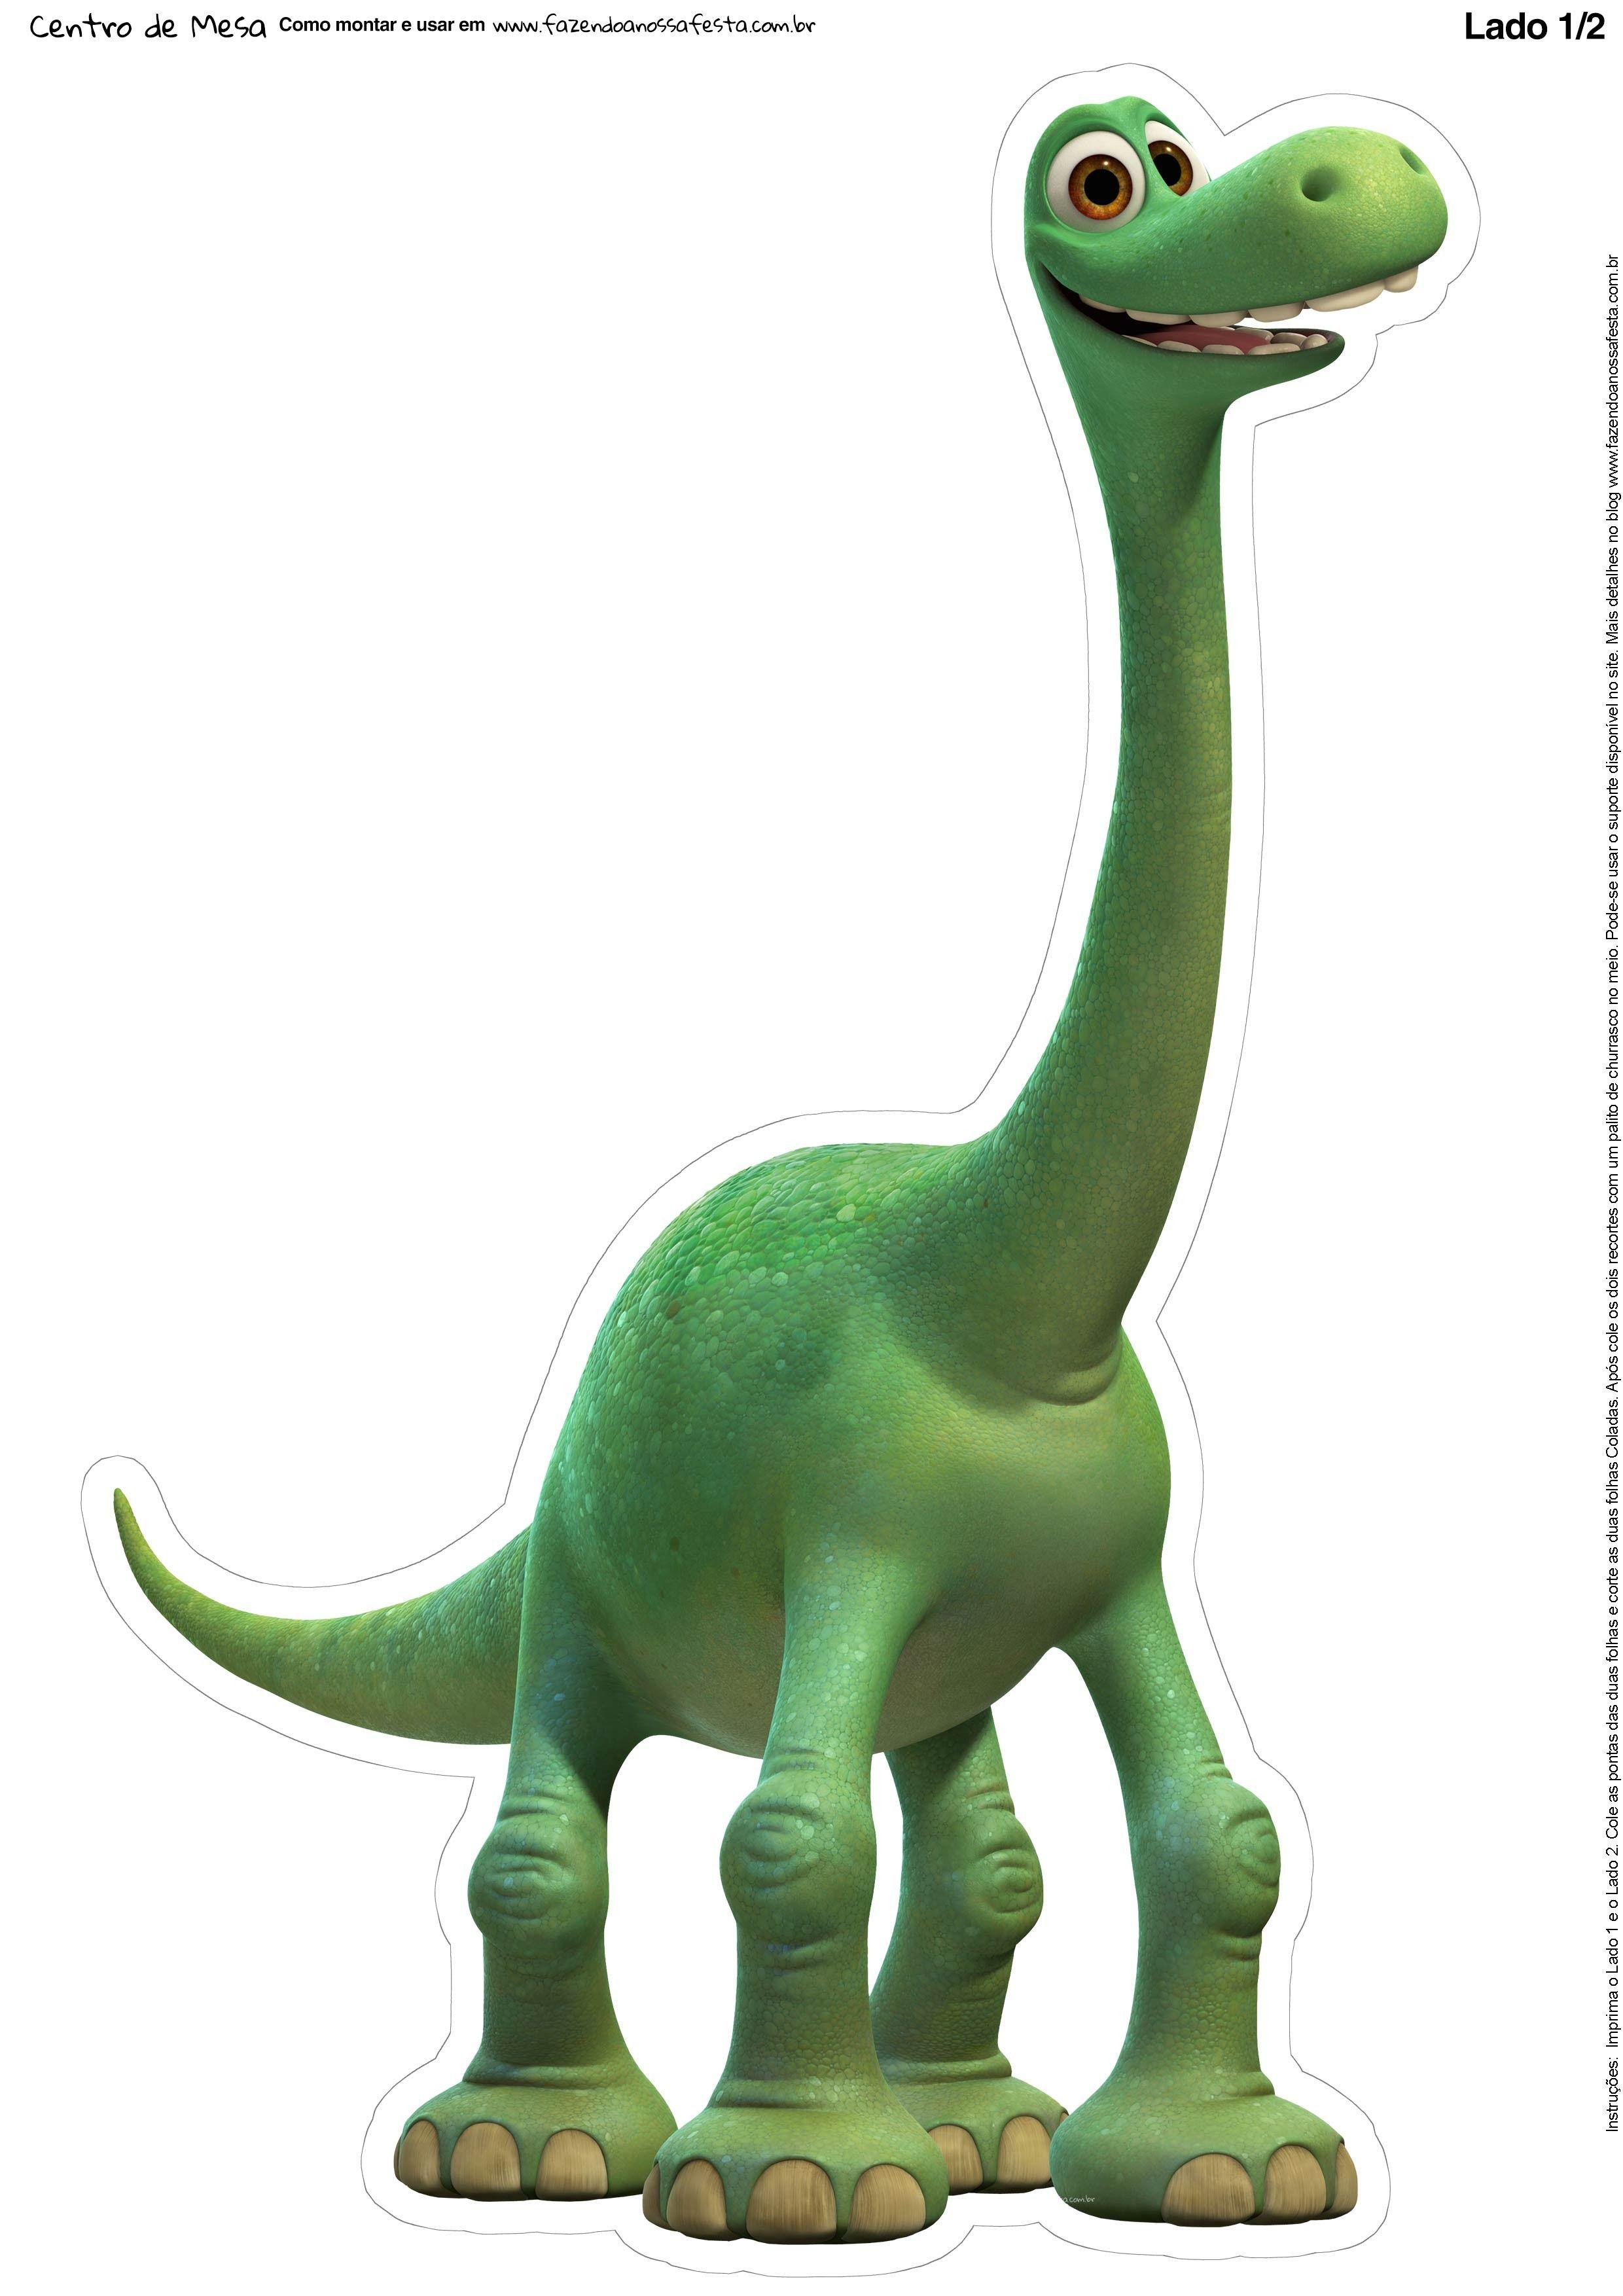 Totem De Mesa O Bom Dinossauro Frente O Bom Dinossauro O Bom